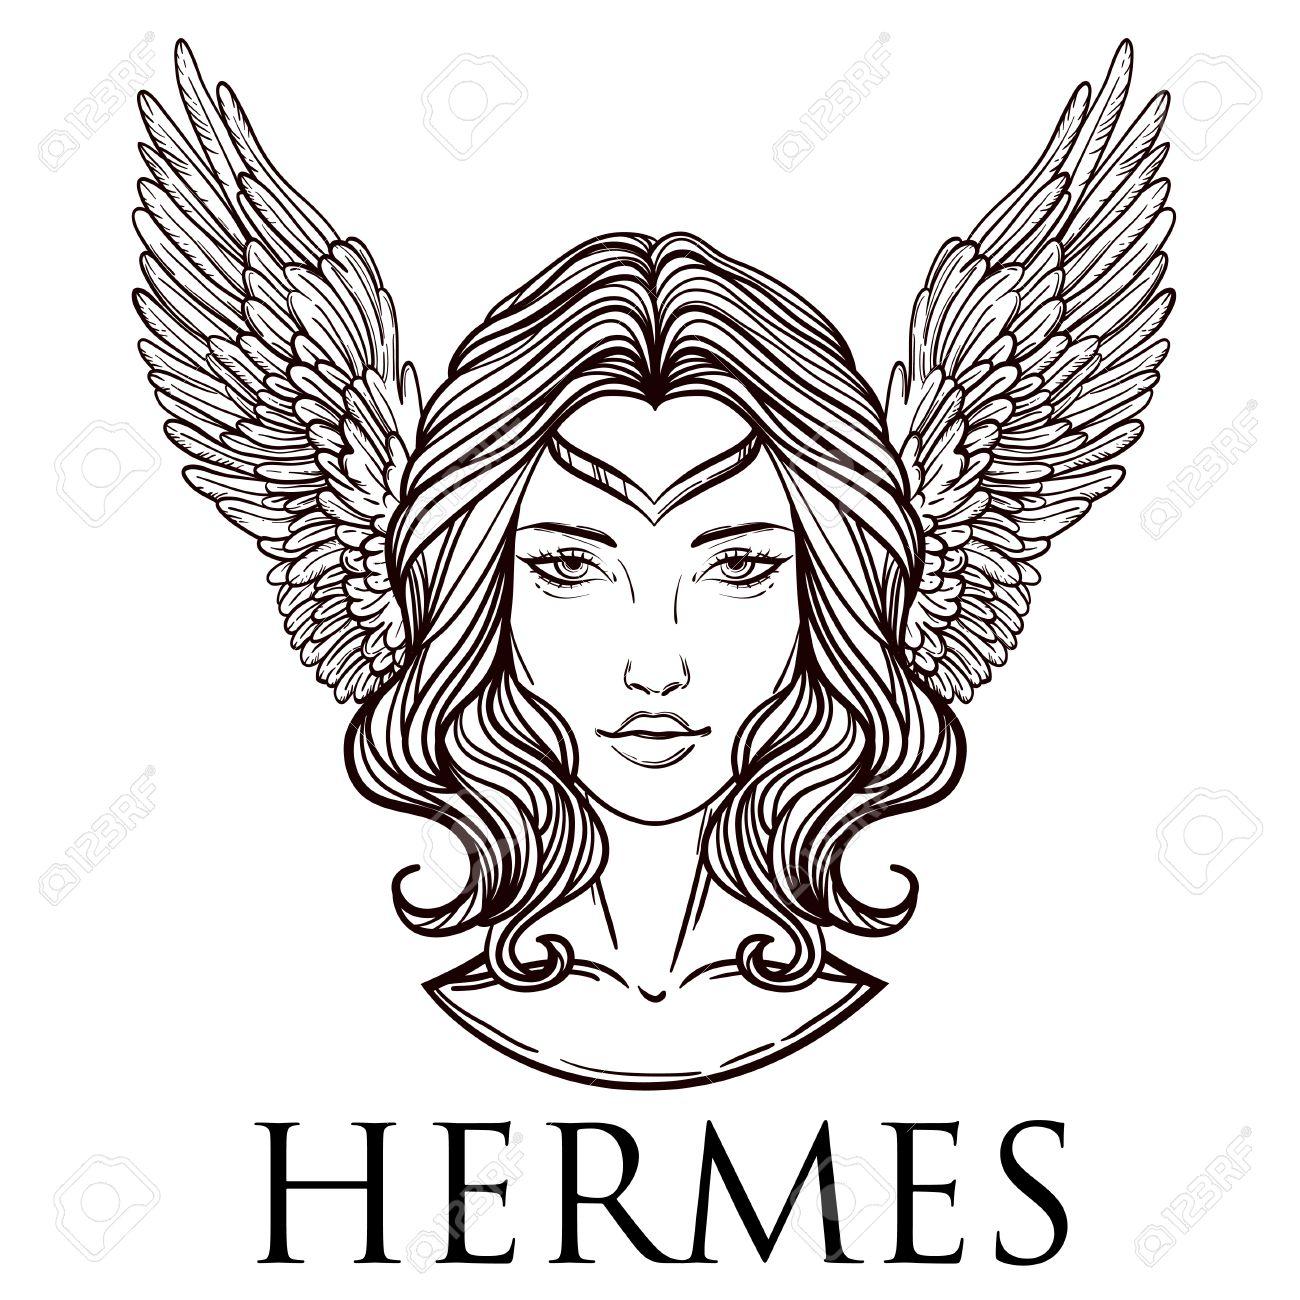 Ilustracion Del Vector Del Dios Griego Hermes En La Forma De Una